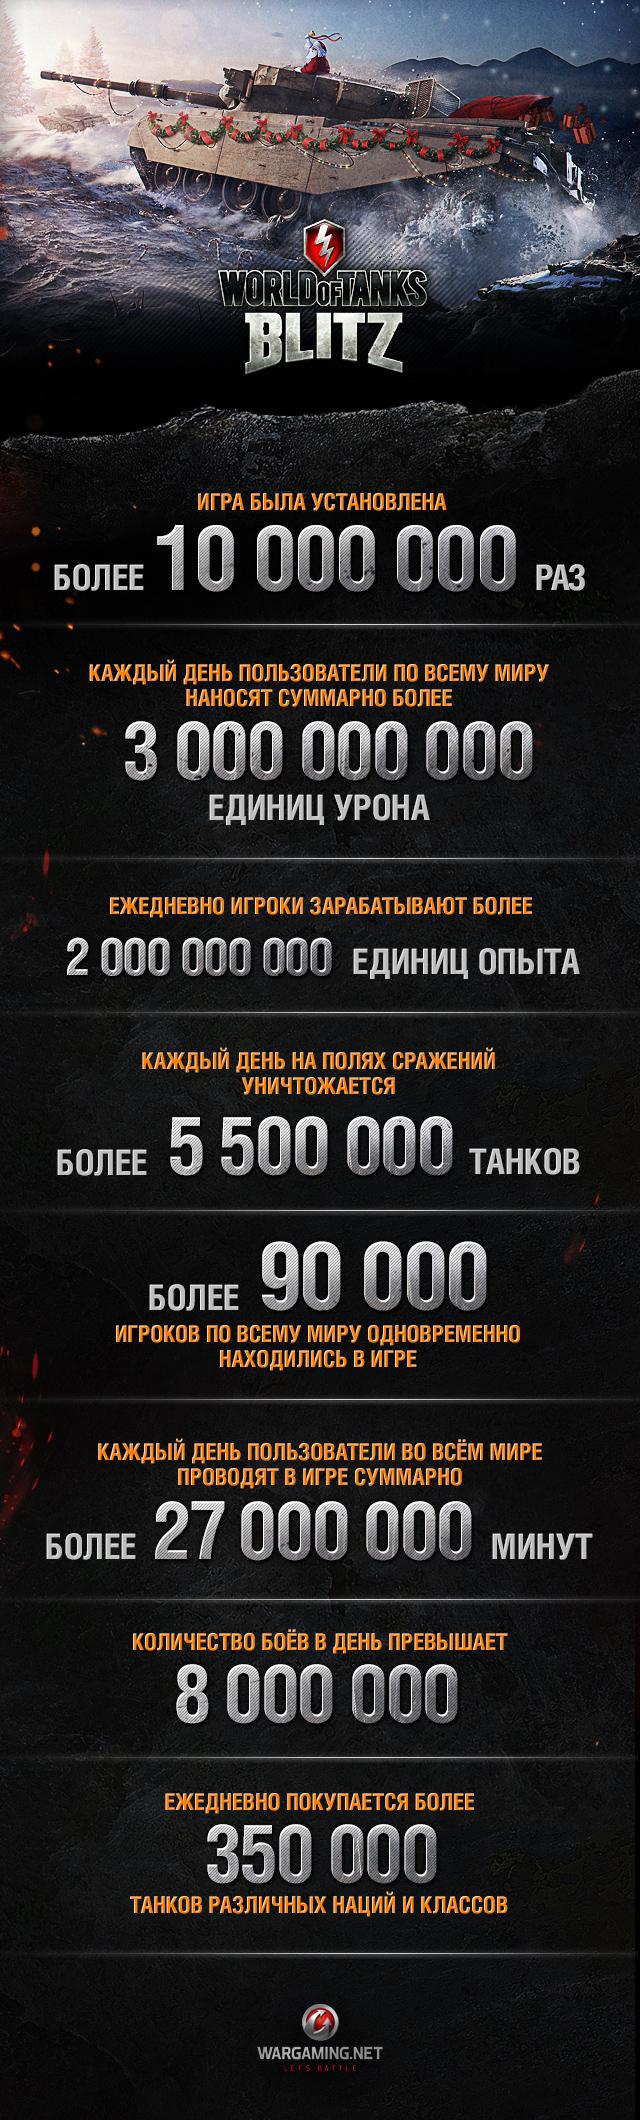 info-2014